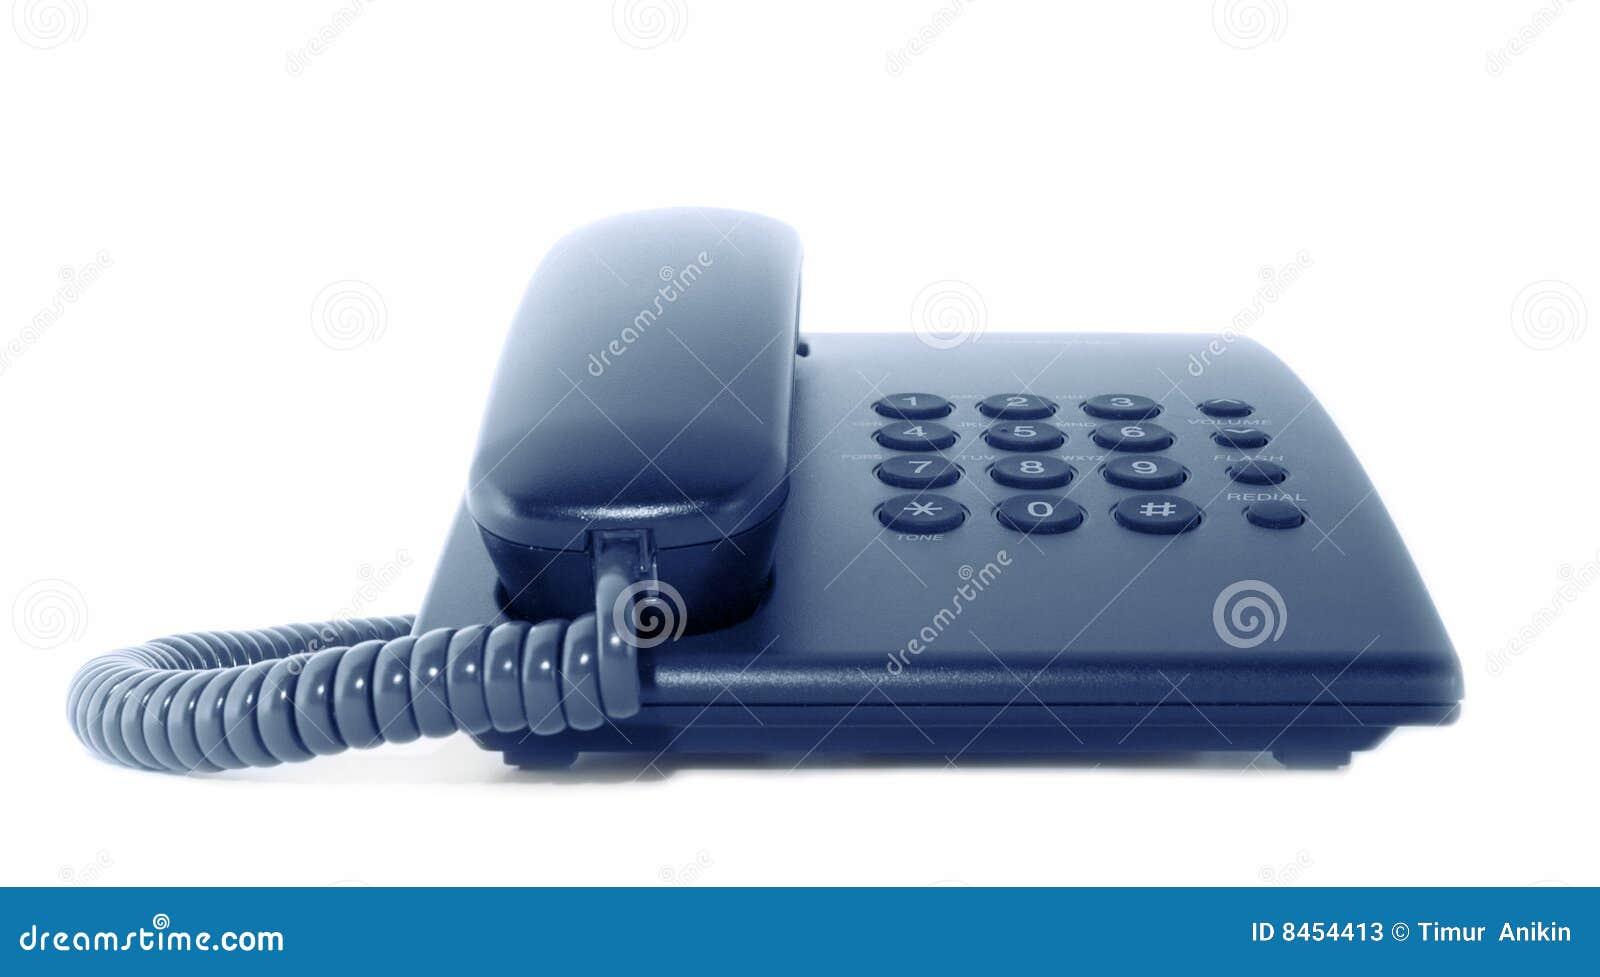 Bunden med rep kontorstelefon